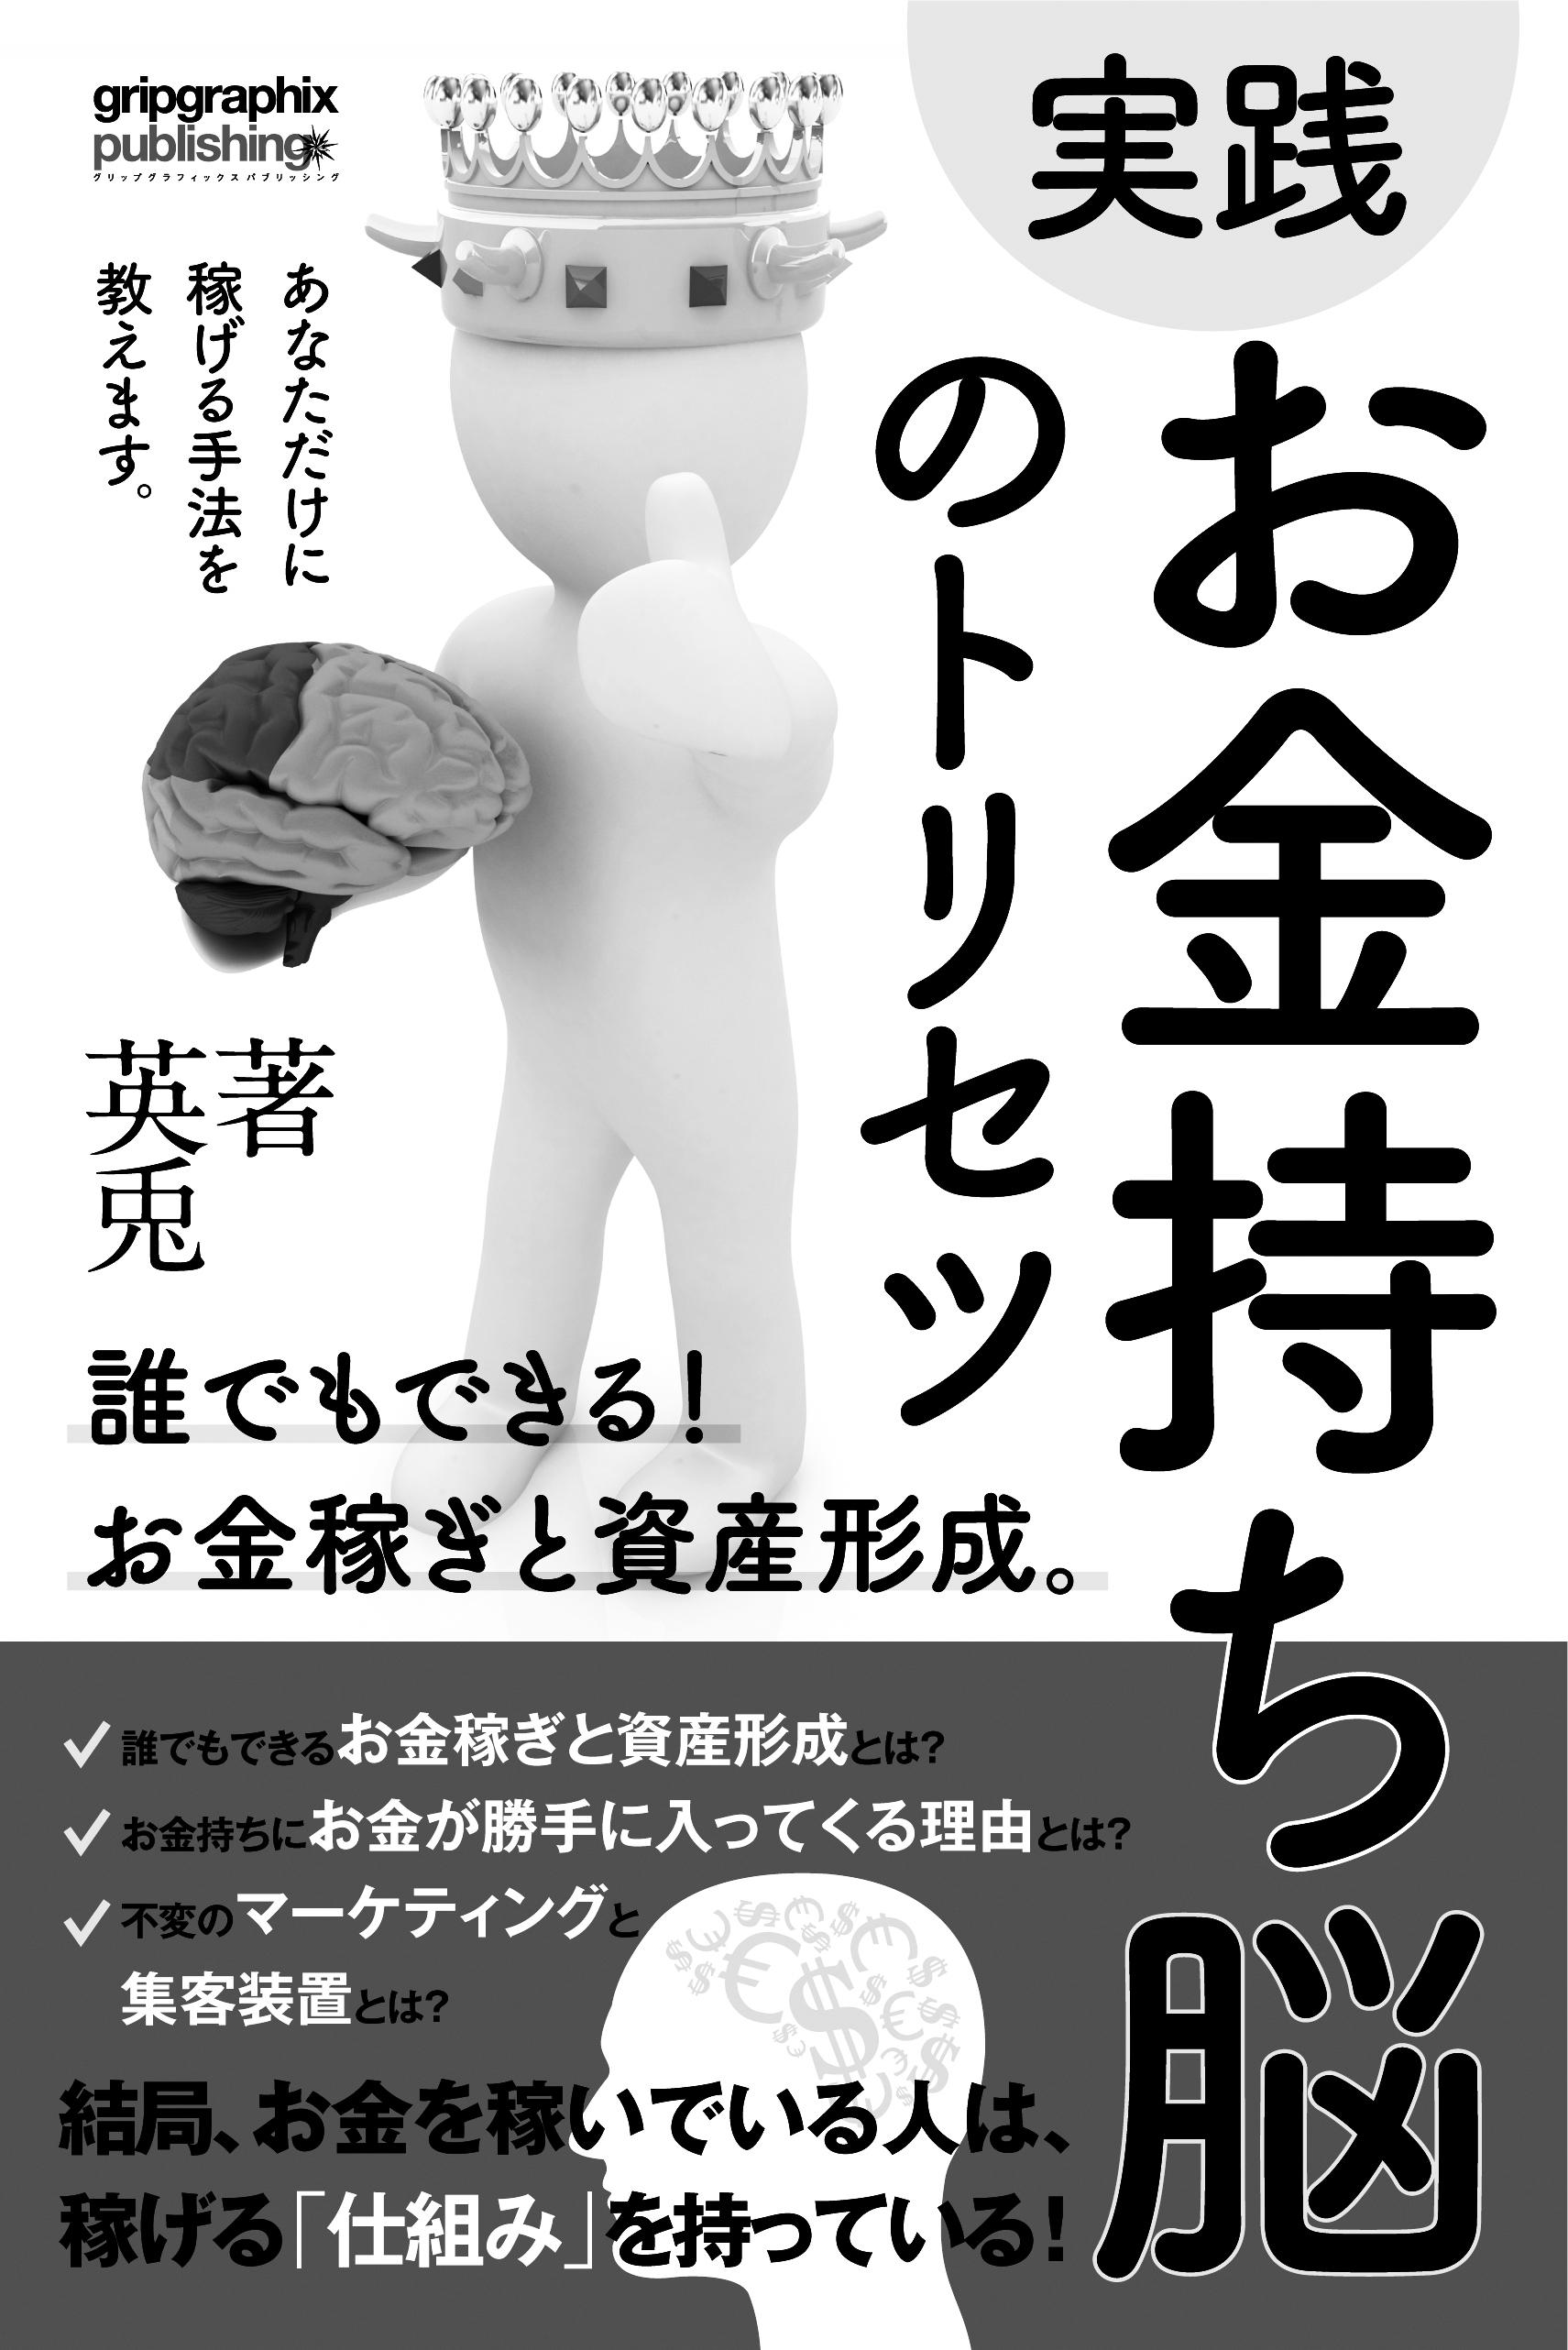 cover-image_black.jpg